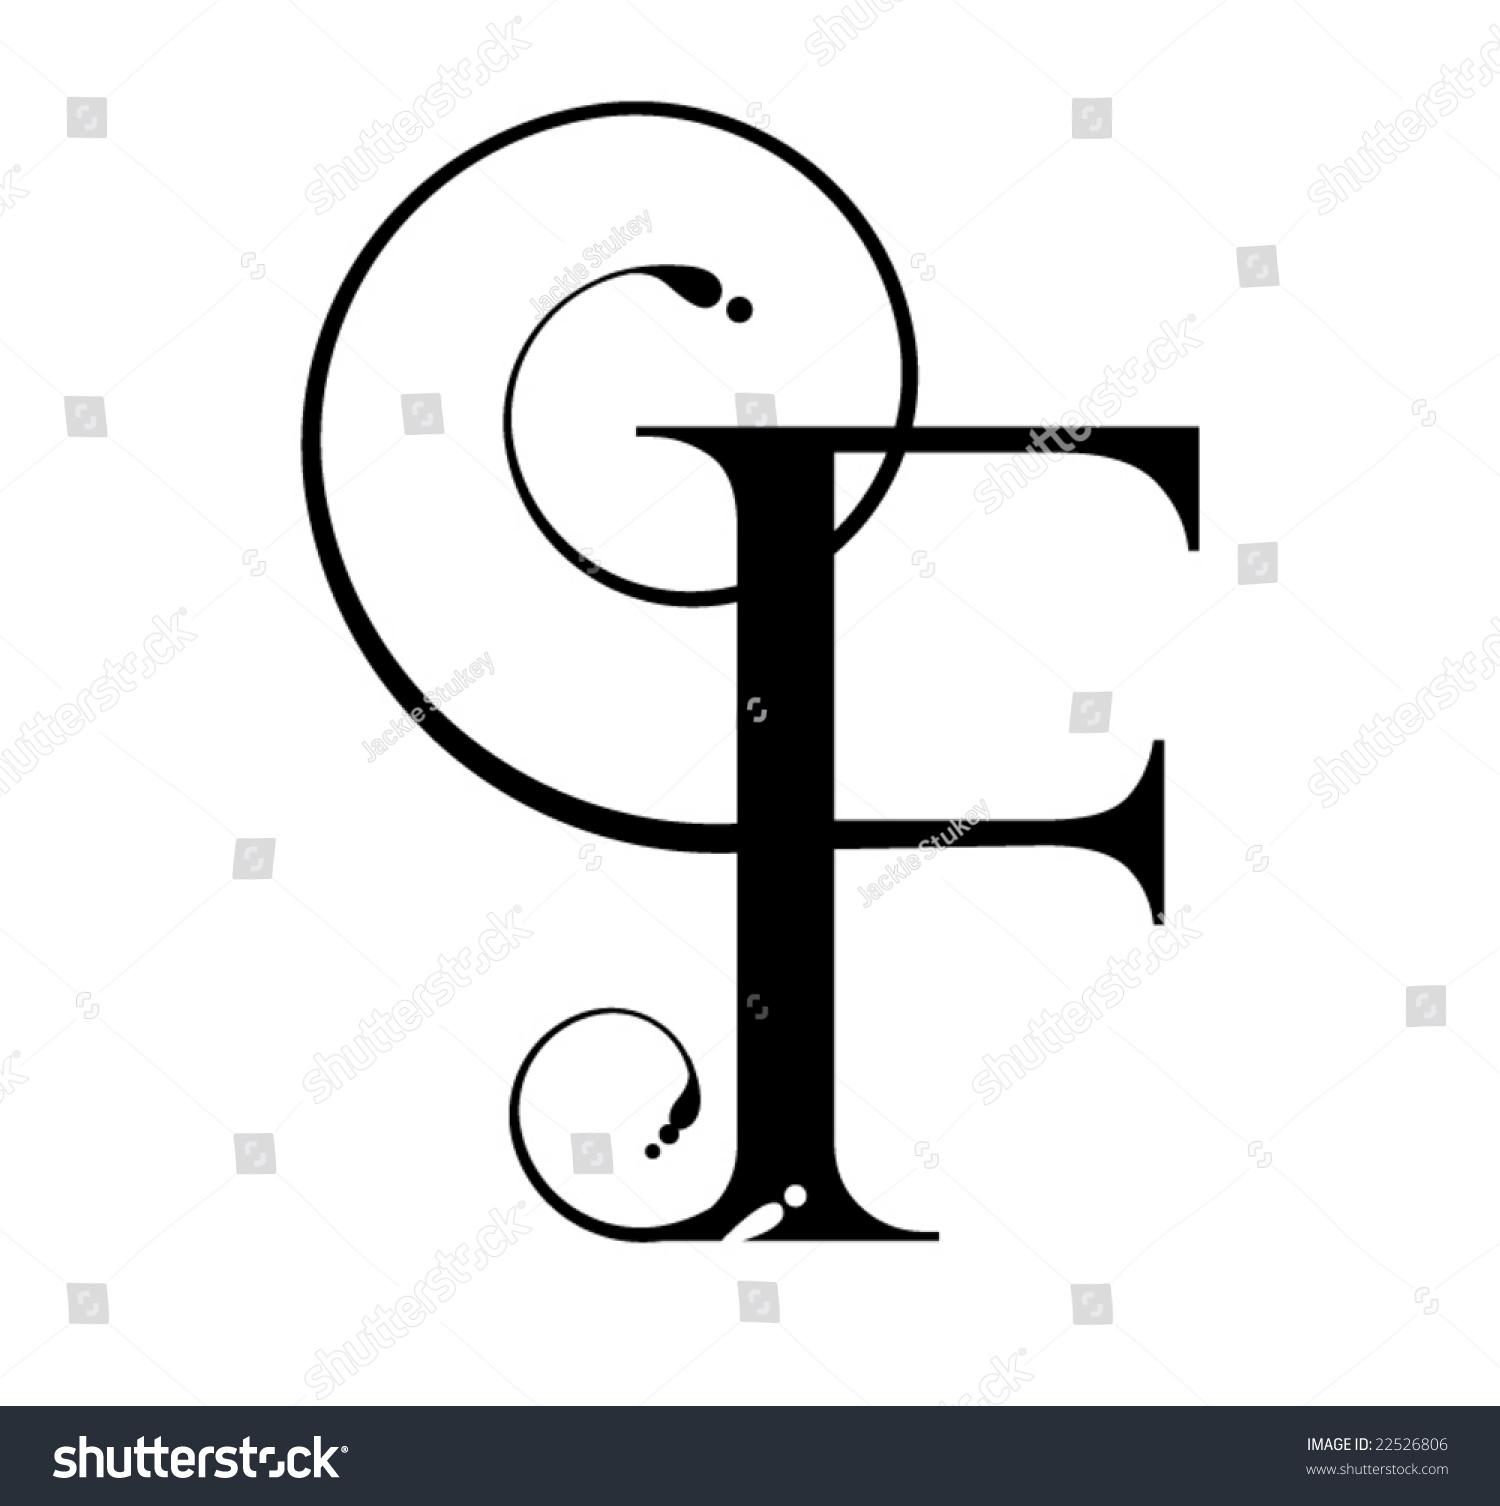 Letter F Stock Vector Illustration 22526806 Shutterstock